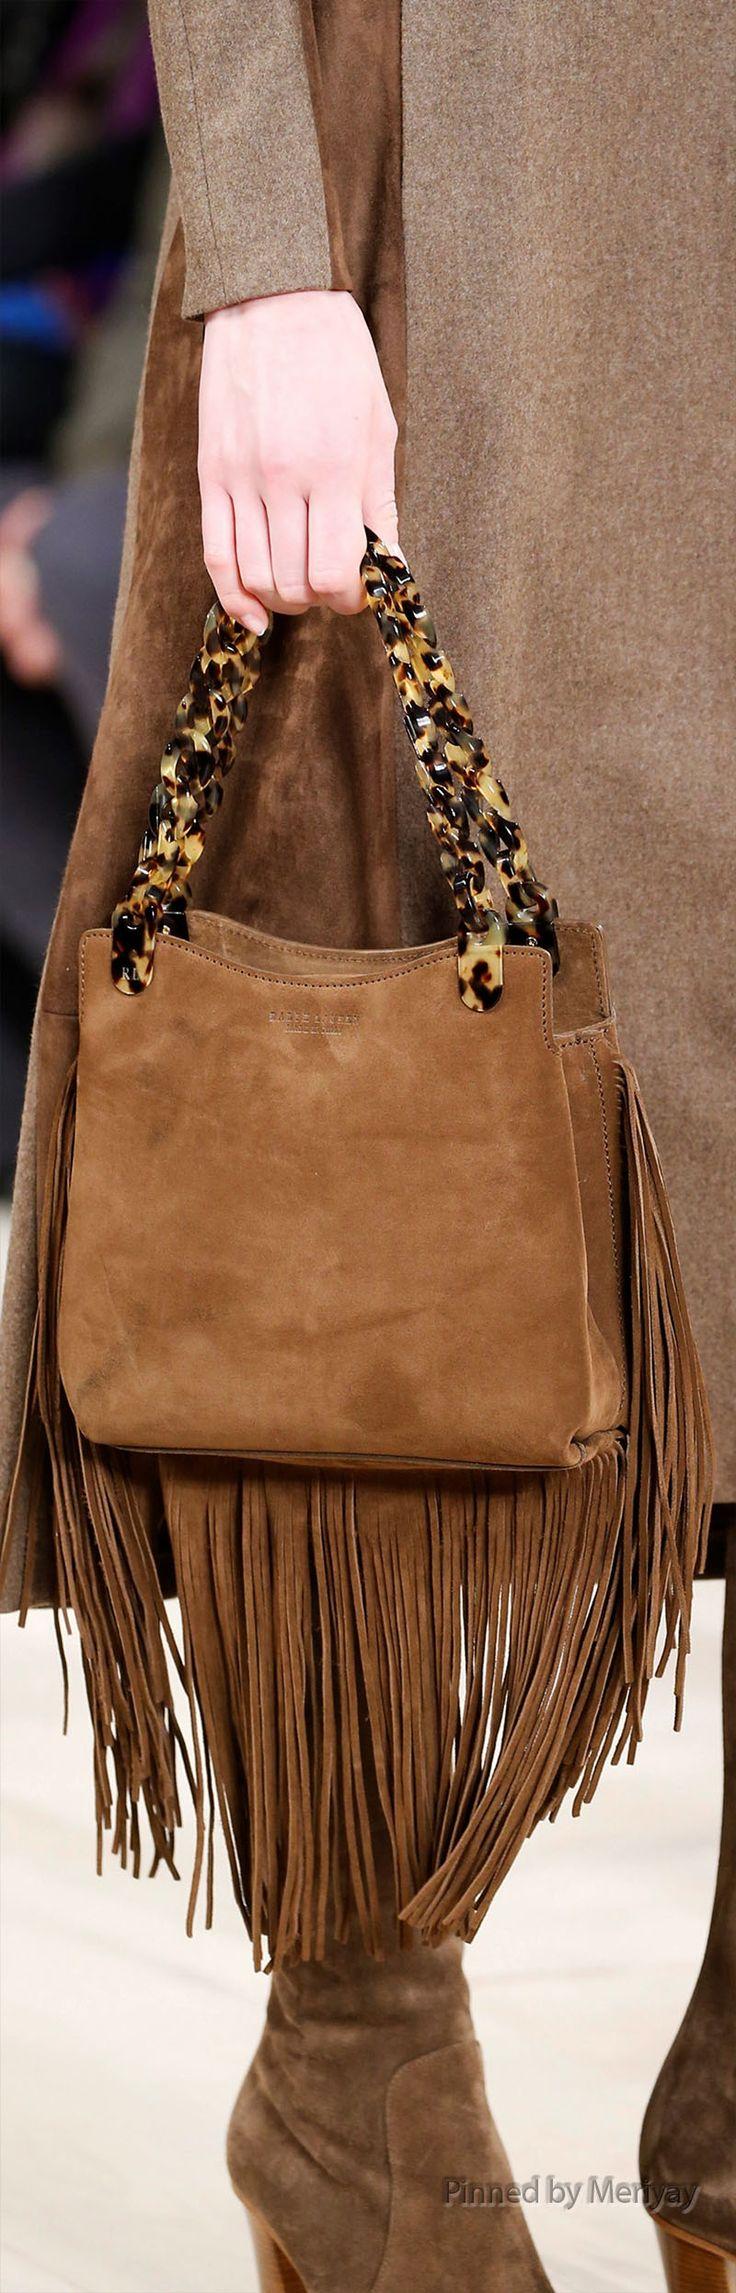 Este bolso es de Ralph Lauren. Nosotros tenemos este: https://www.regalos-up.com/tienda/bolso-marron-con-flecos/